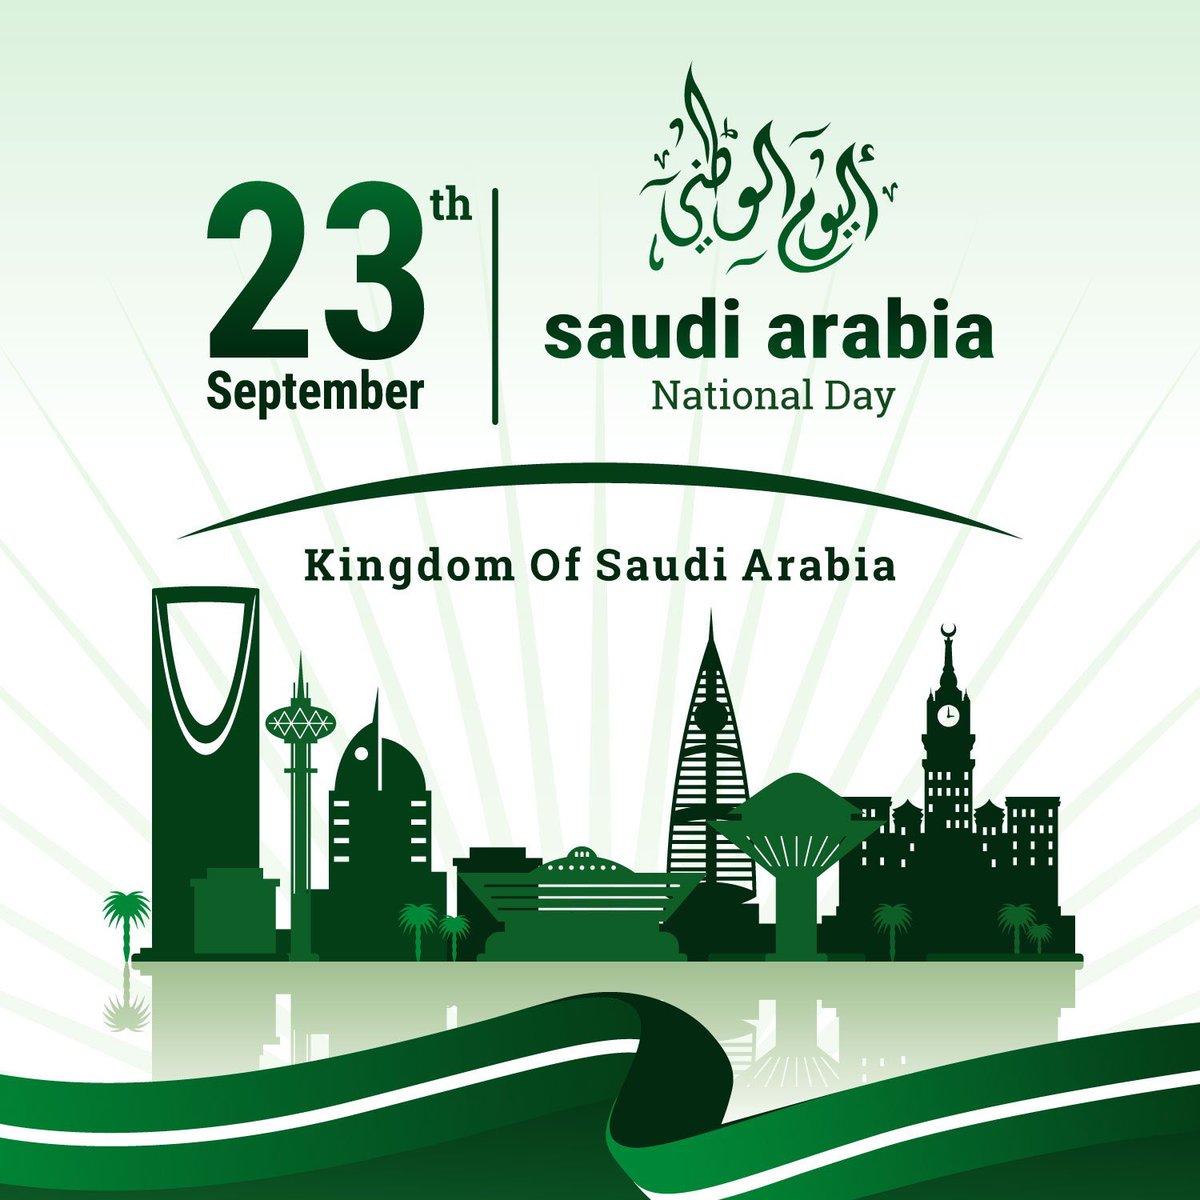 أطيب التمنيات لجميع أصدقائنا في #السعودية بمناسبة #اليوم_الوطني_السعودي90 احتفالا بمرور 90 سنة منذ توحيد المملكة. @UKinSaudiArabia @SaudiEmbassyUK https://t.co/FBpQEXWnq9